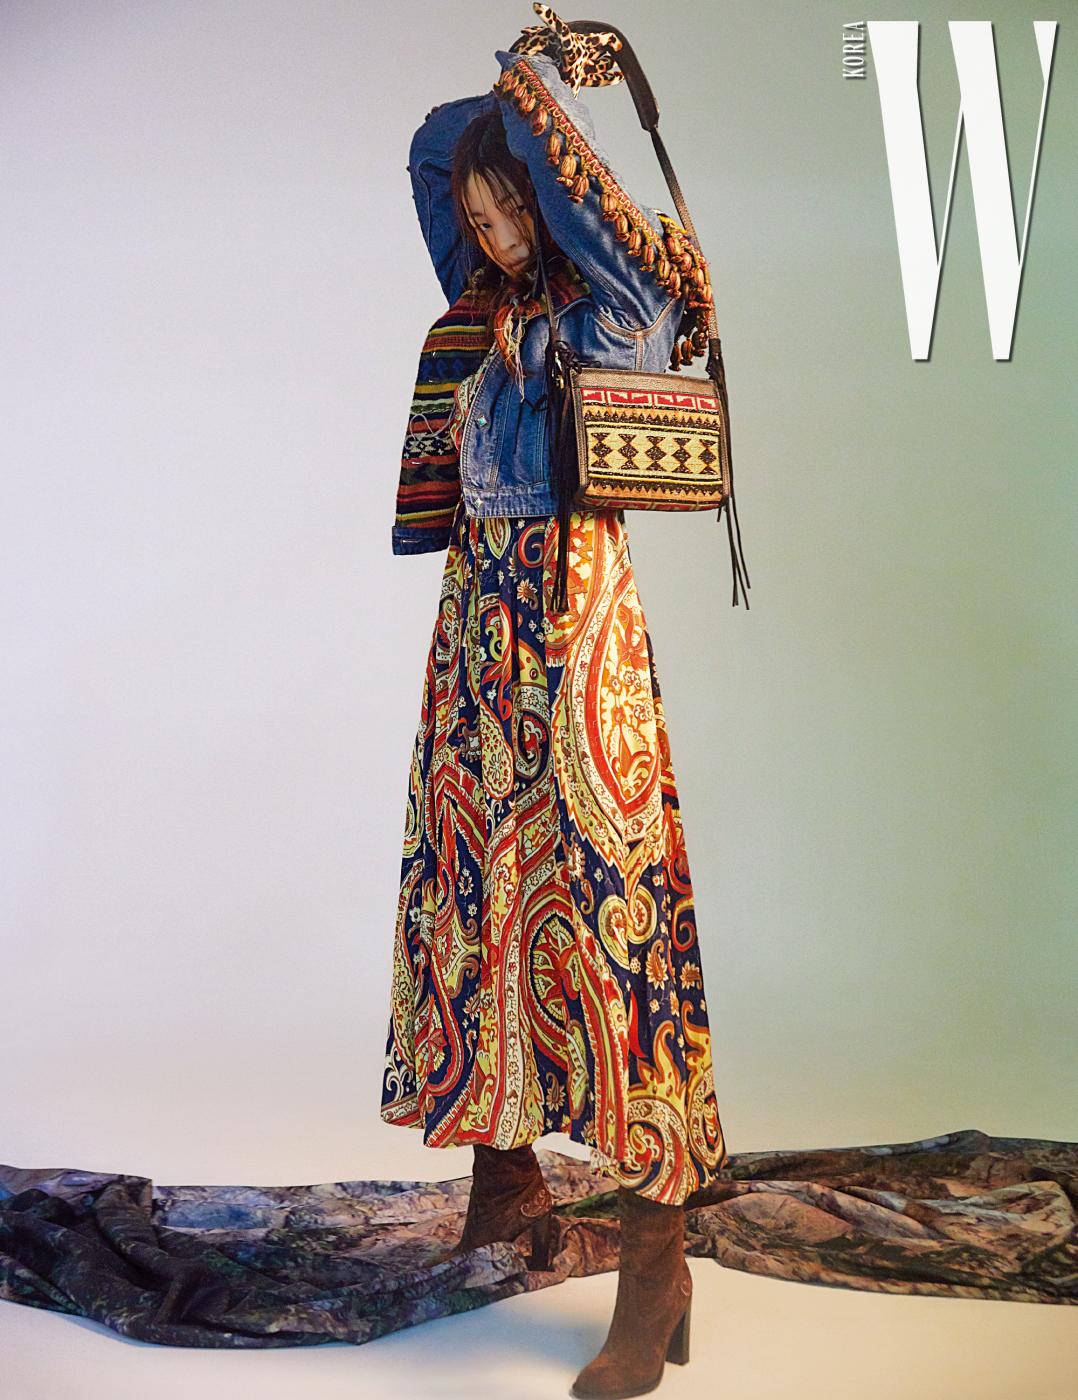 태슬 장식 데님 재킷, 페이즐리 프린트 드레스, 비즈 장식 크로스백, 부츠는 모두 Etro 제품.